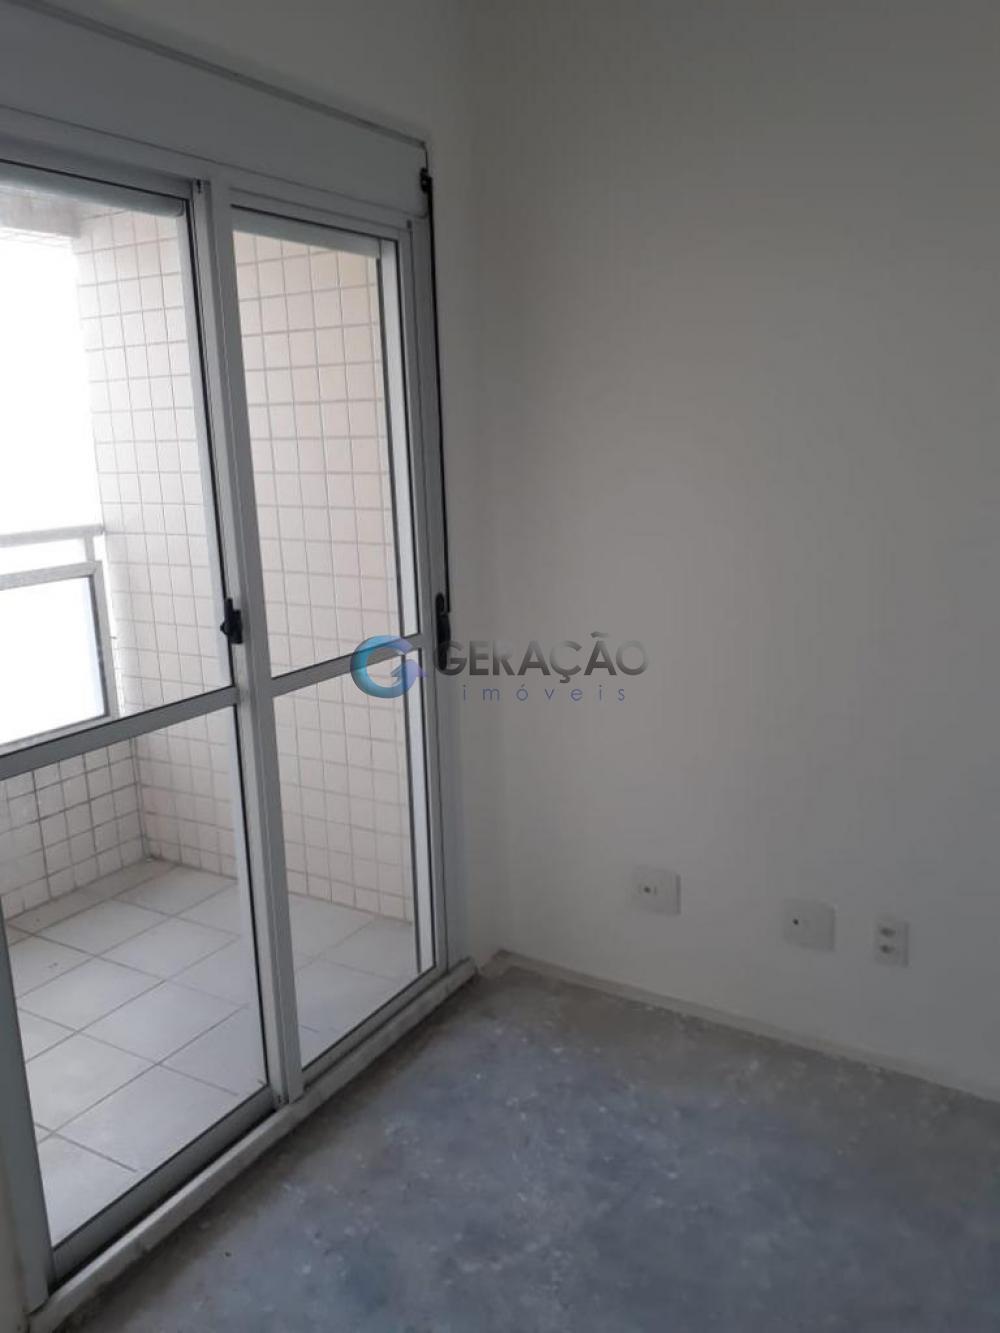 Comprar Apartamento / Cobertura em São José dos Campos apenas R$ 1.485.000,00 - Foto 6